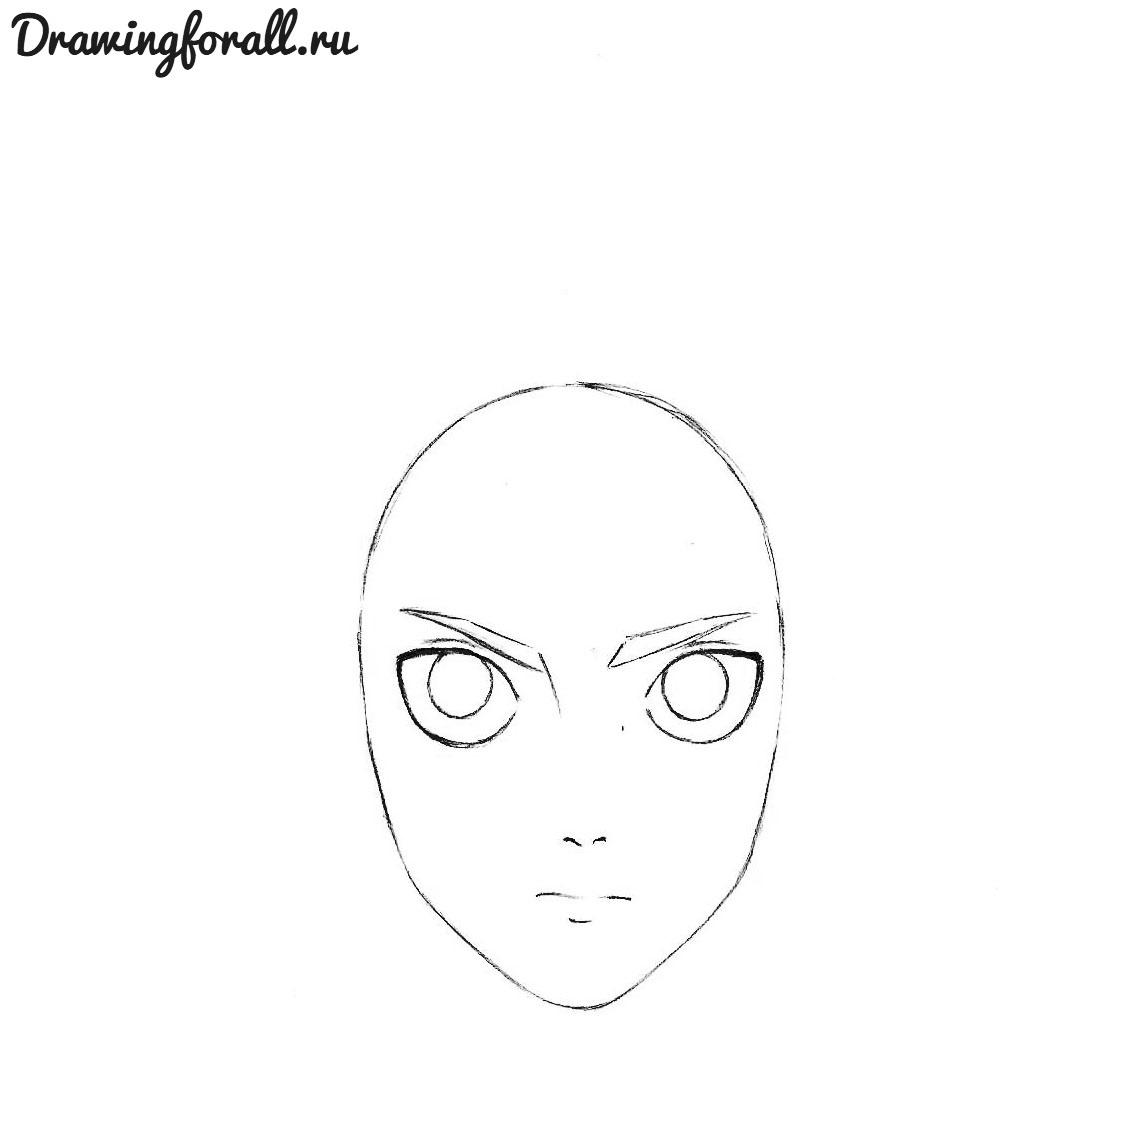 поэтапная схема рисования лица